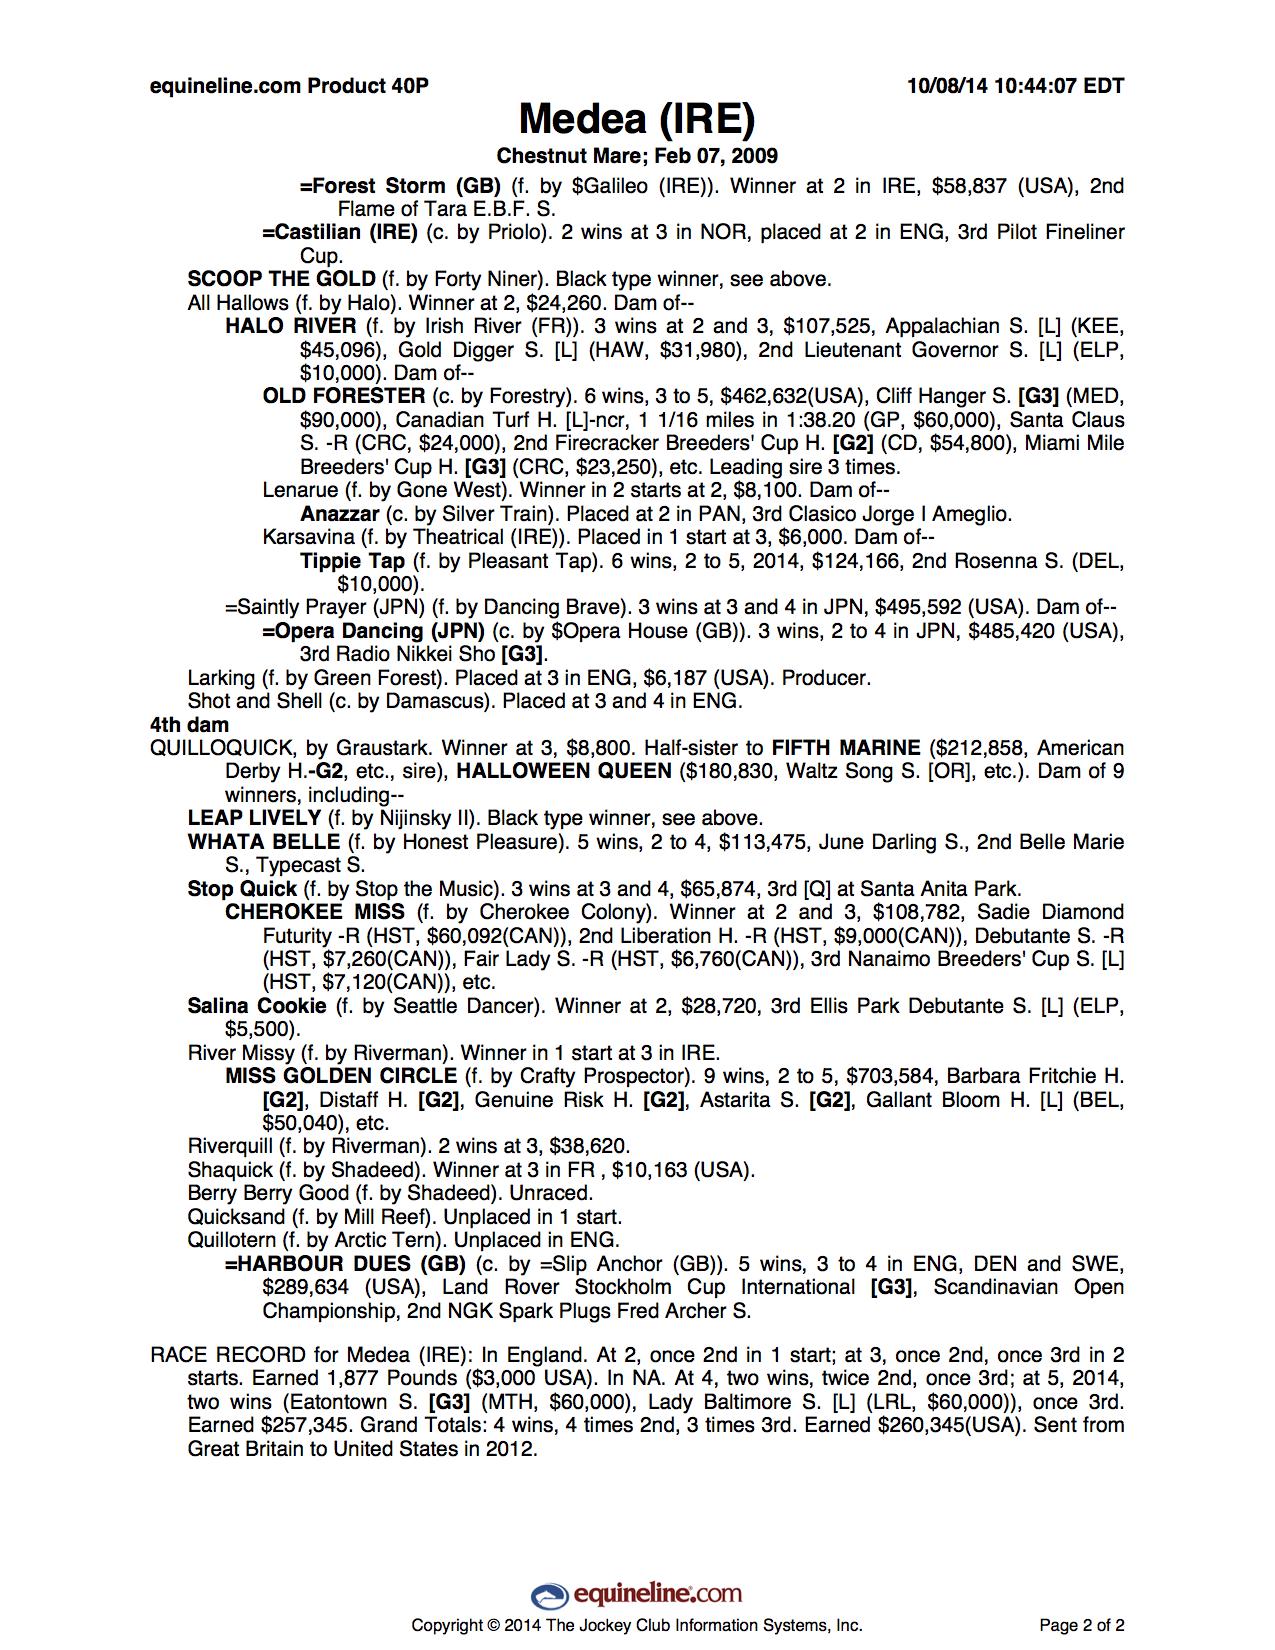 MEDEA 100814 PEDIGREE copy 2.png